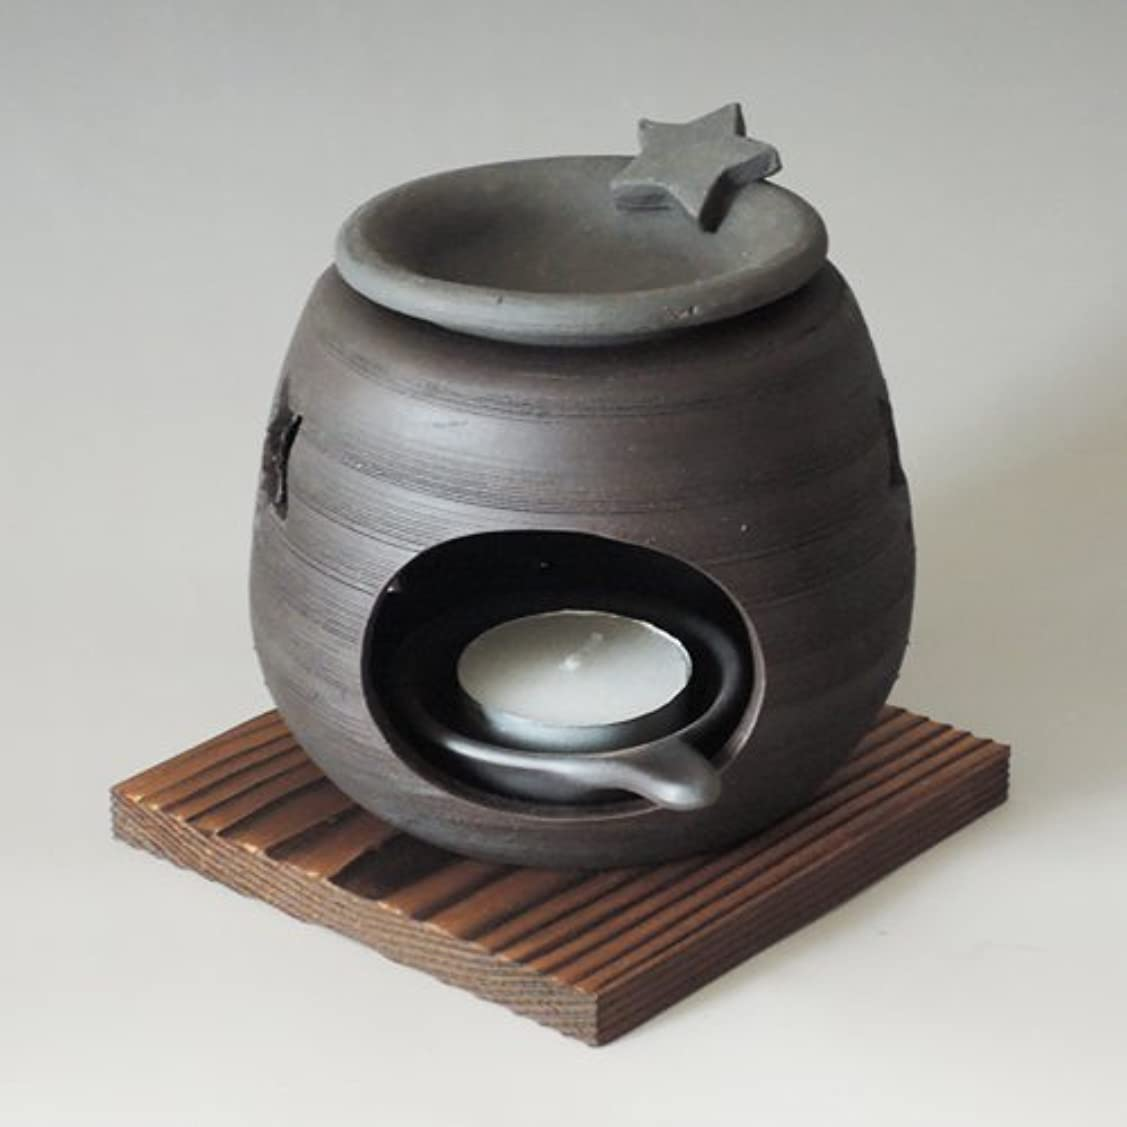 準備したモートロッカー茶香炉 常滑焼 石龍作「星」川本屋茶舗